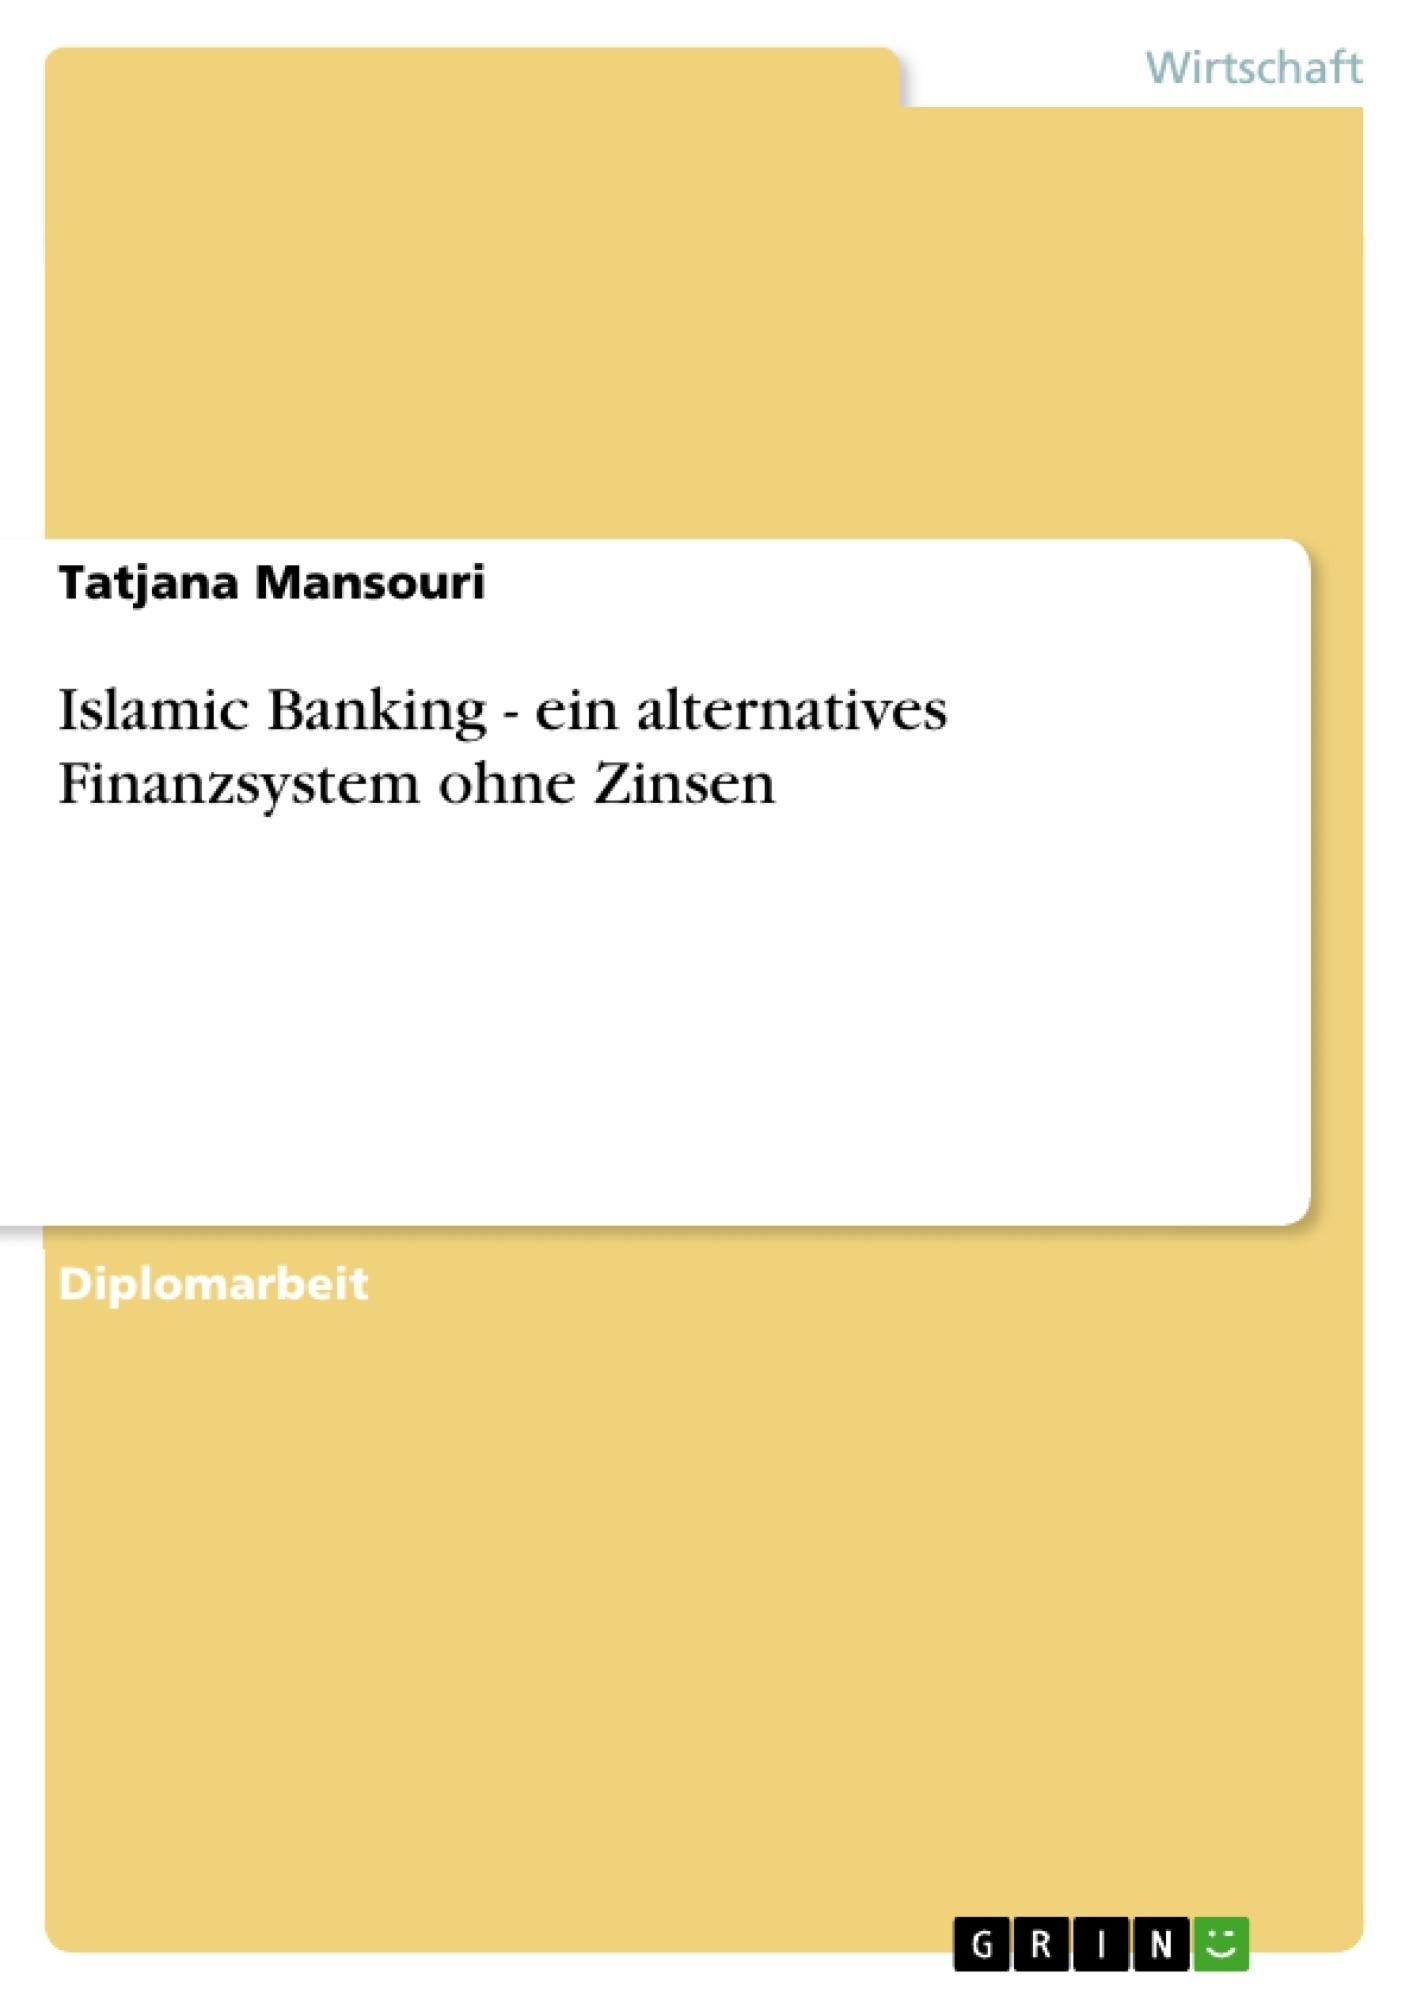 Titel: Islamic Banking - ein alternatives Finanzsystem ohne Zinsen